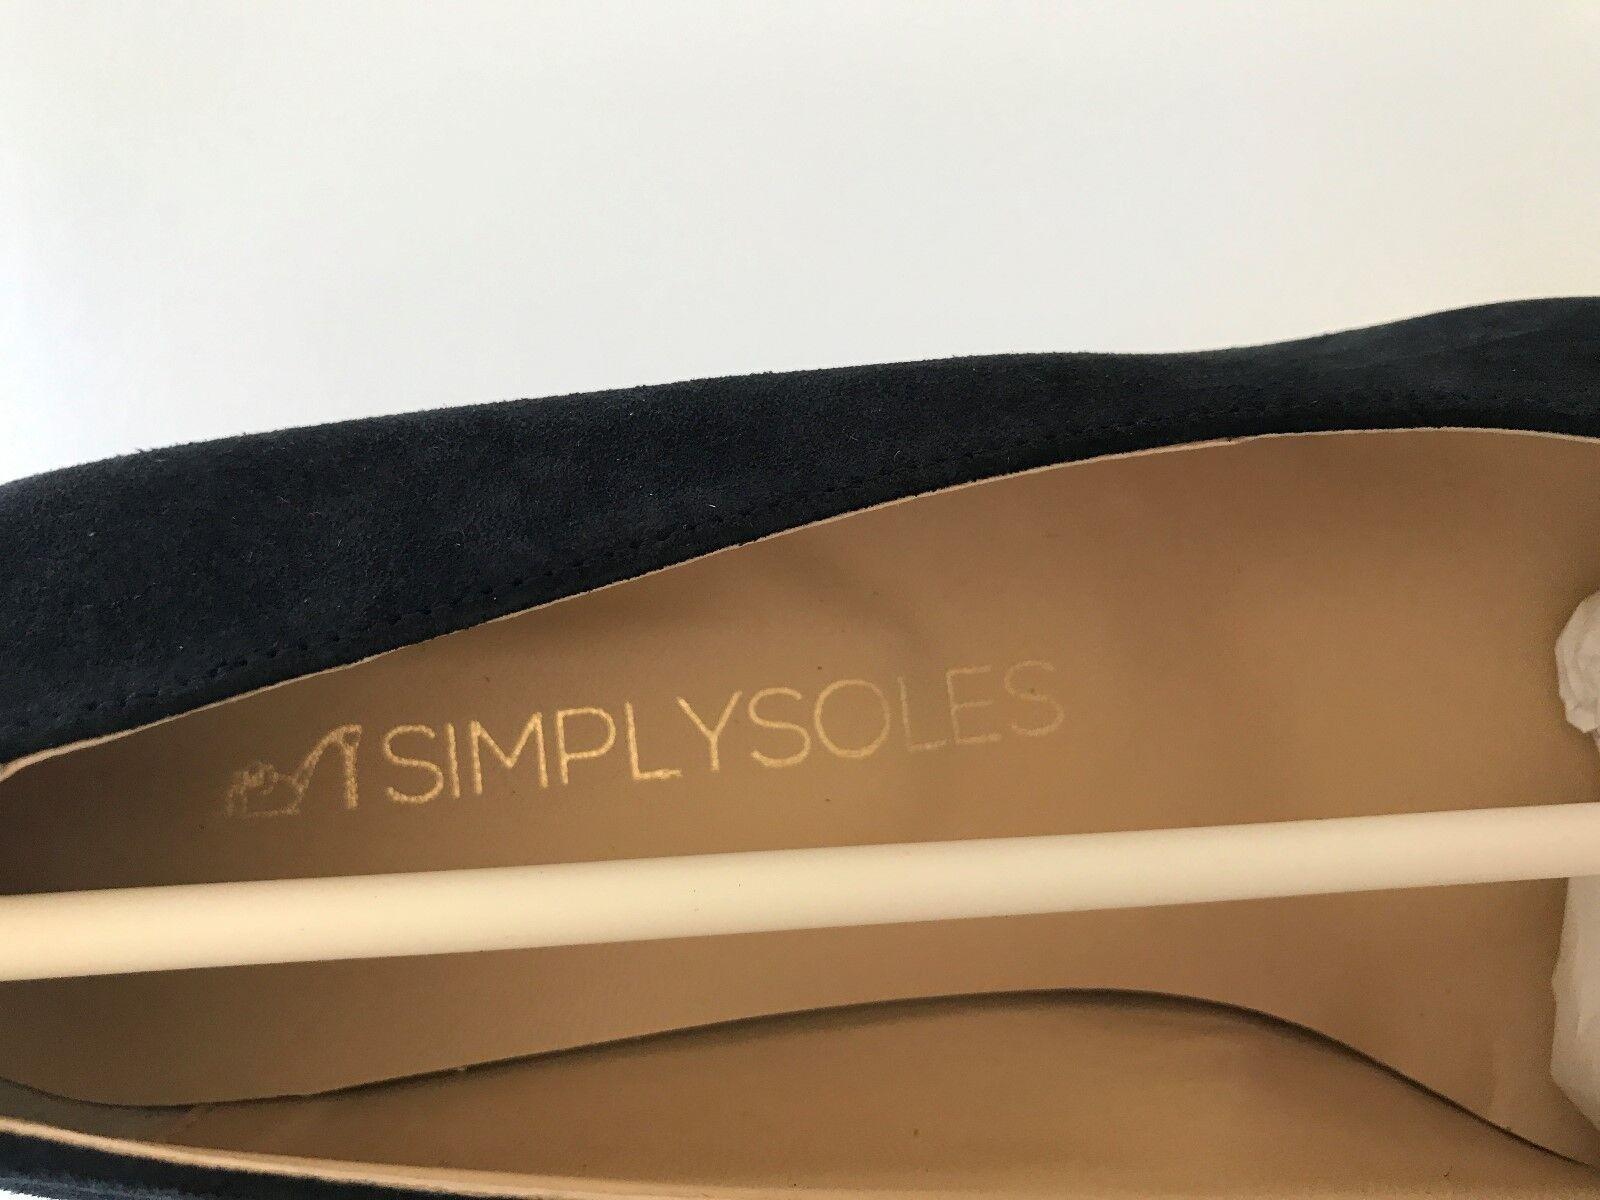 Simply Soles SCRALETC NAVY SUEDE- Größe 9 RET 200.00